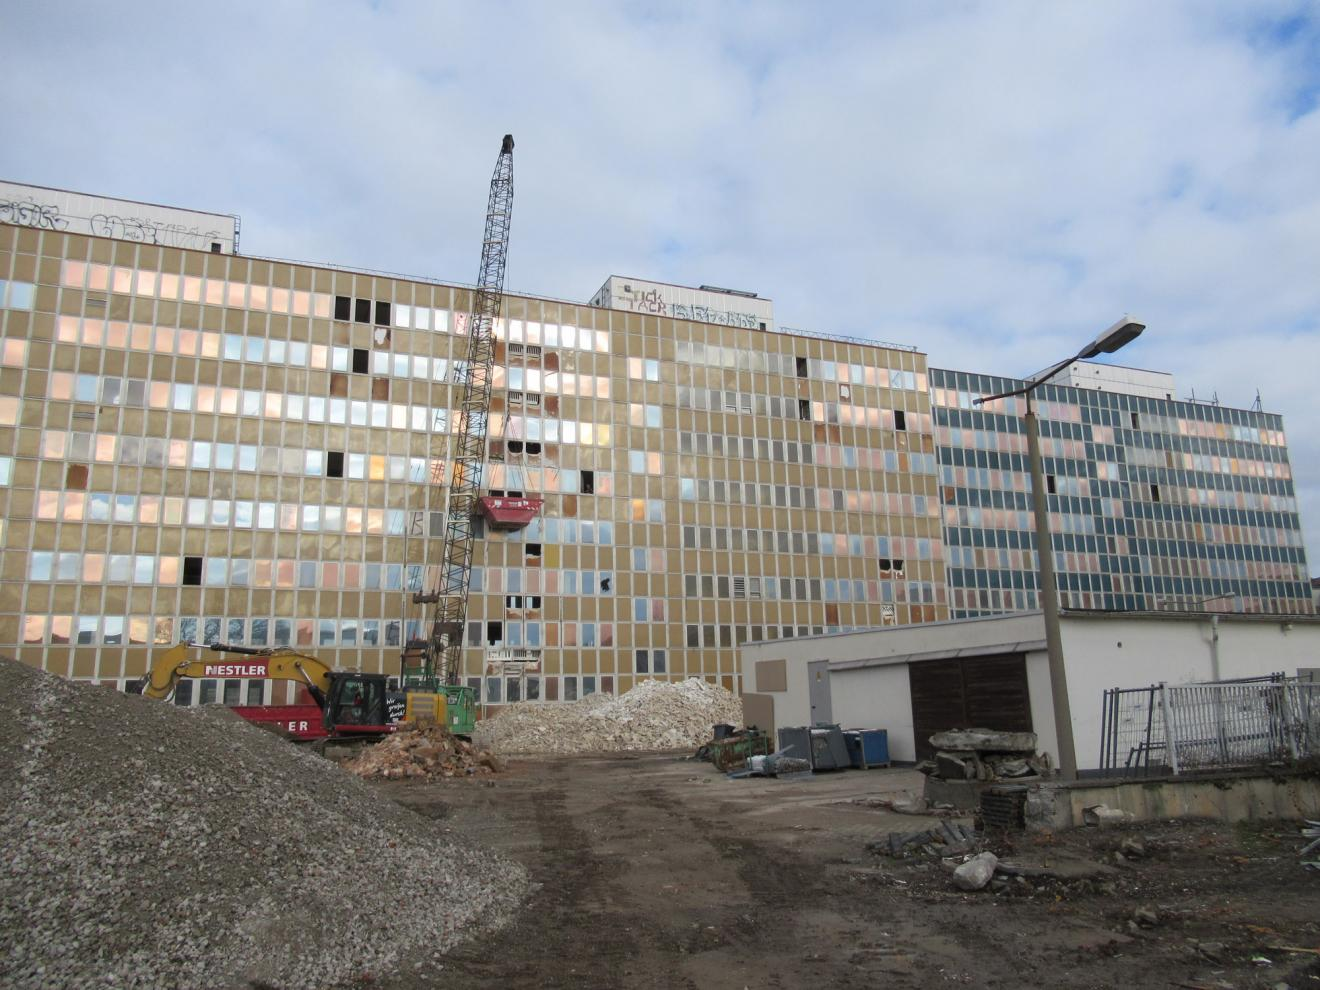 Rückbau der Gebäudesubstanz auf dem Areal Schützengarten, Könneritzstraße 25 in Dresden